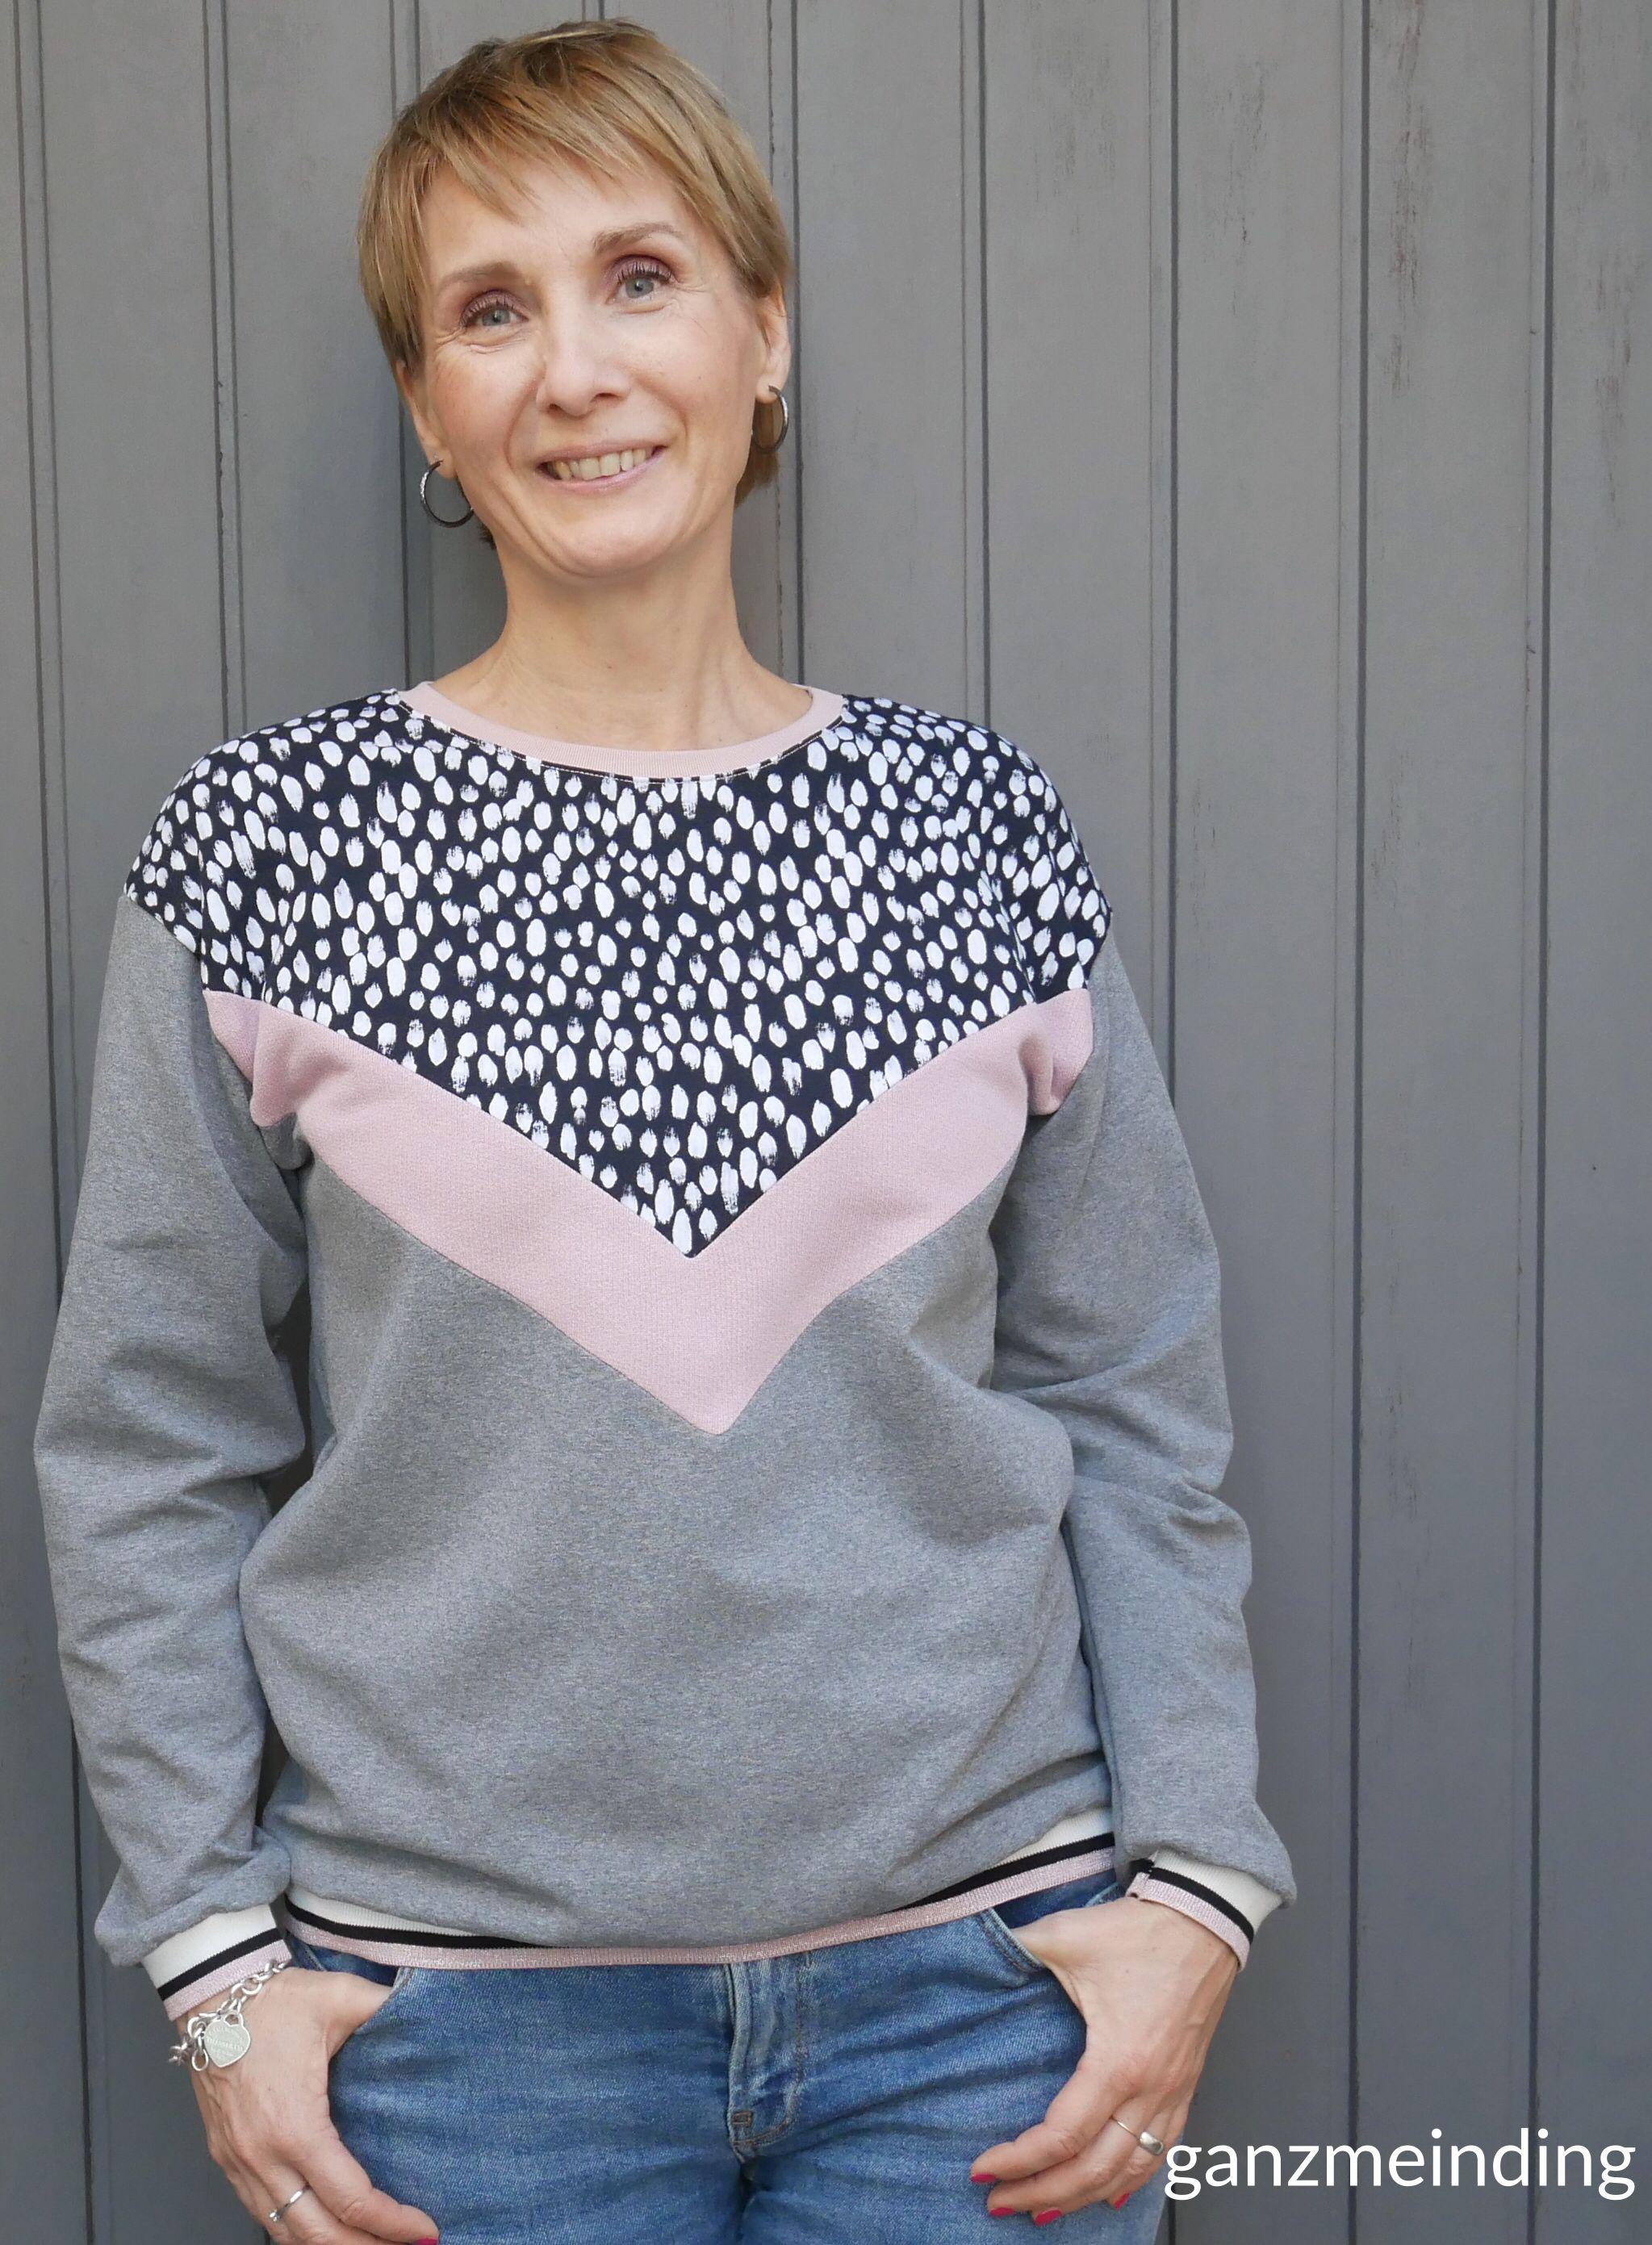 dana lübke sweatshirt 01